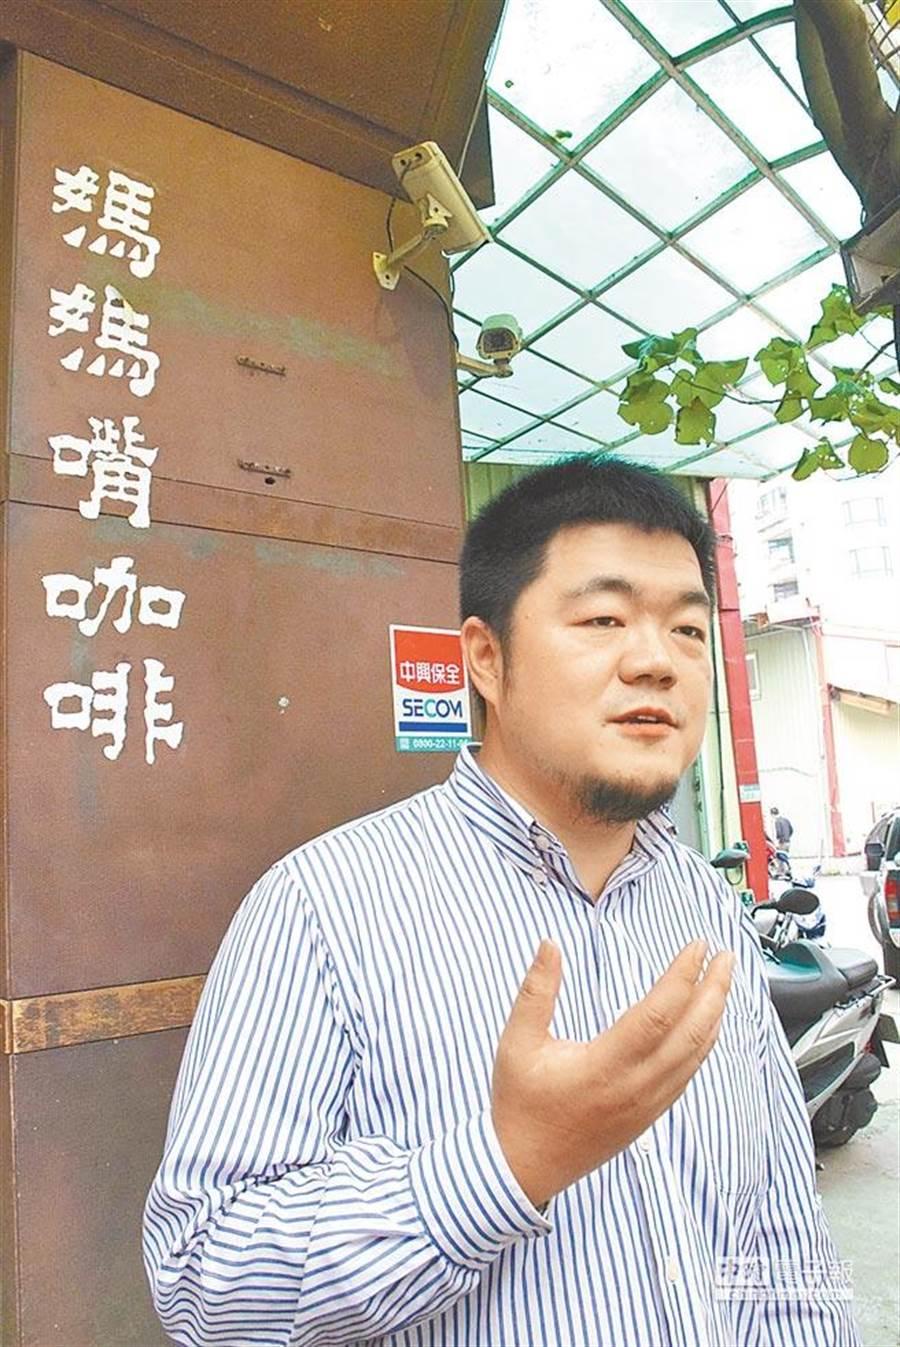 媽媽嘴咖啡店負責人呂炳宏(資料照)